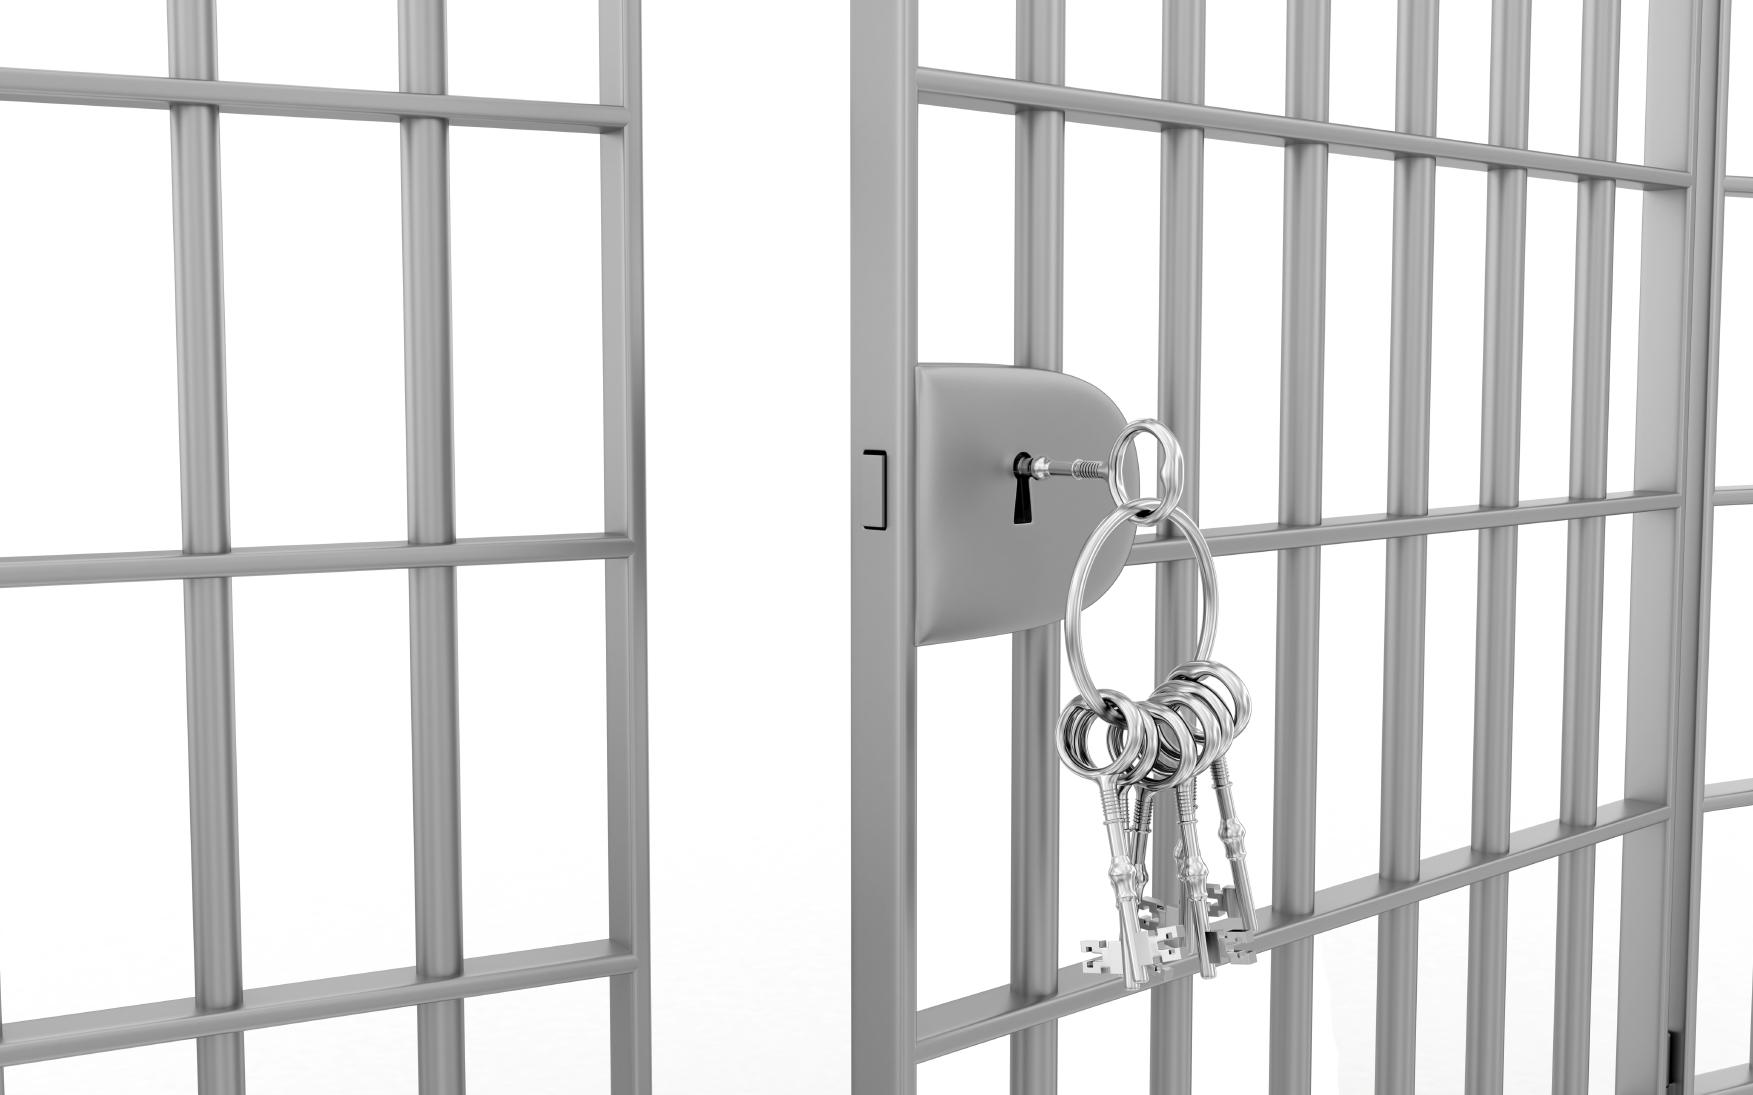 open door clipart black and white. Open Door Clipart Black And White Download